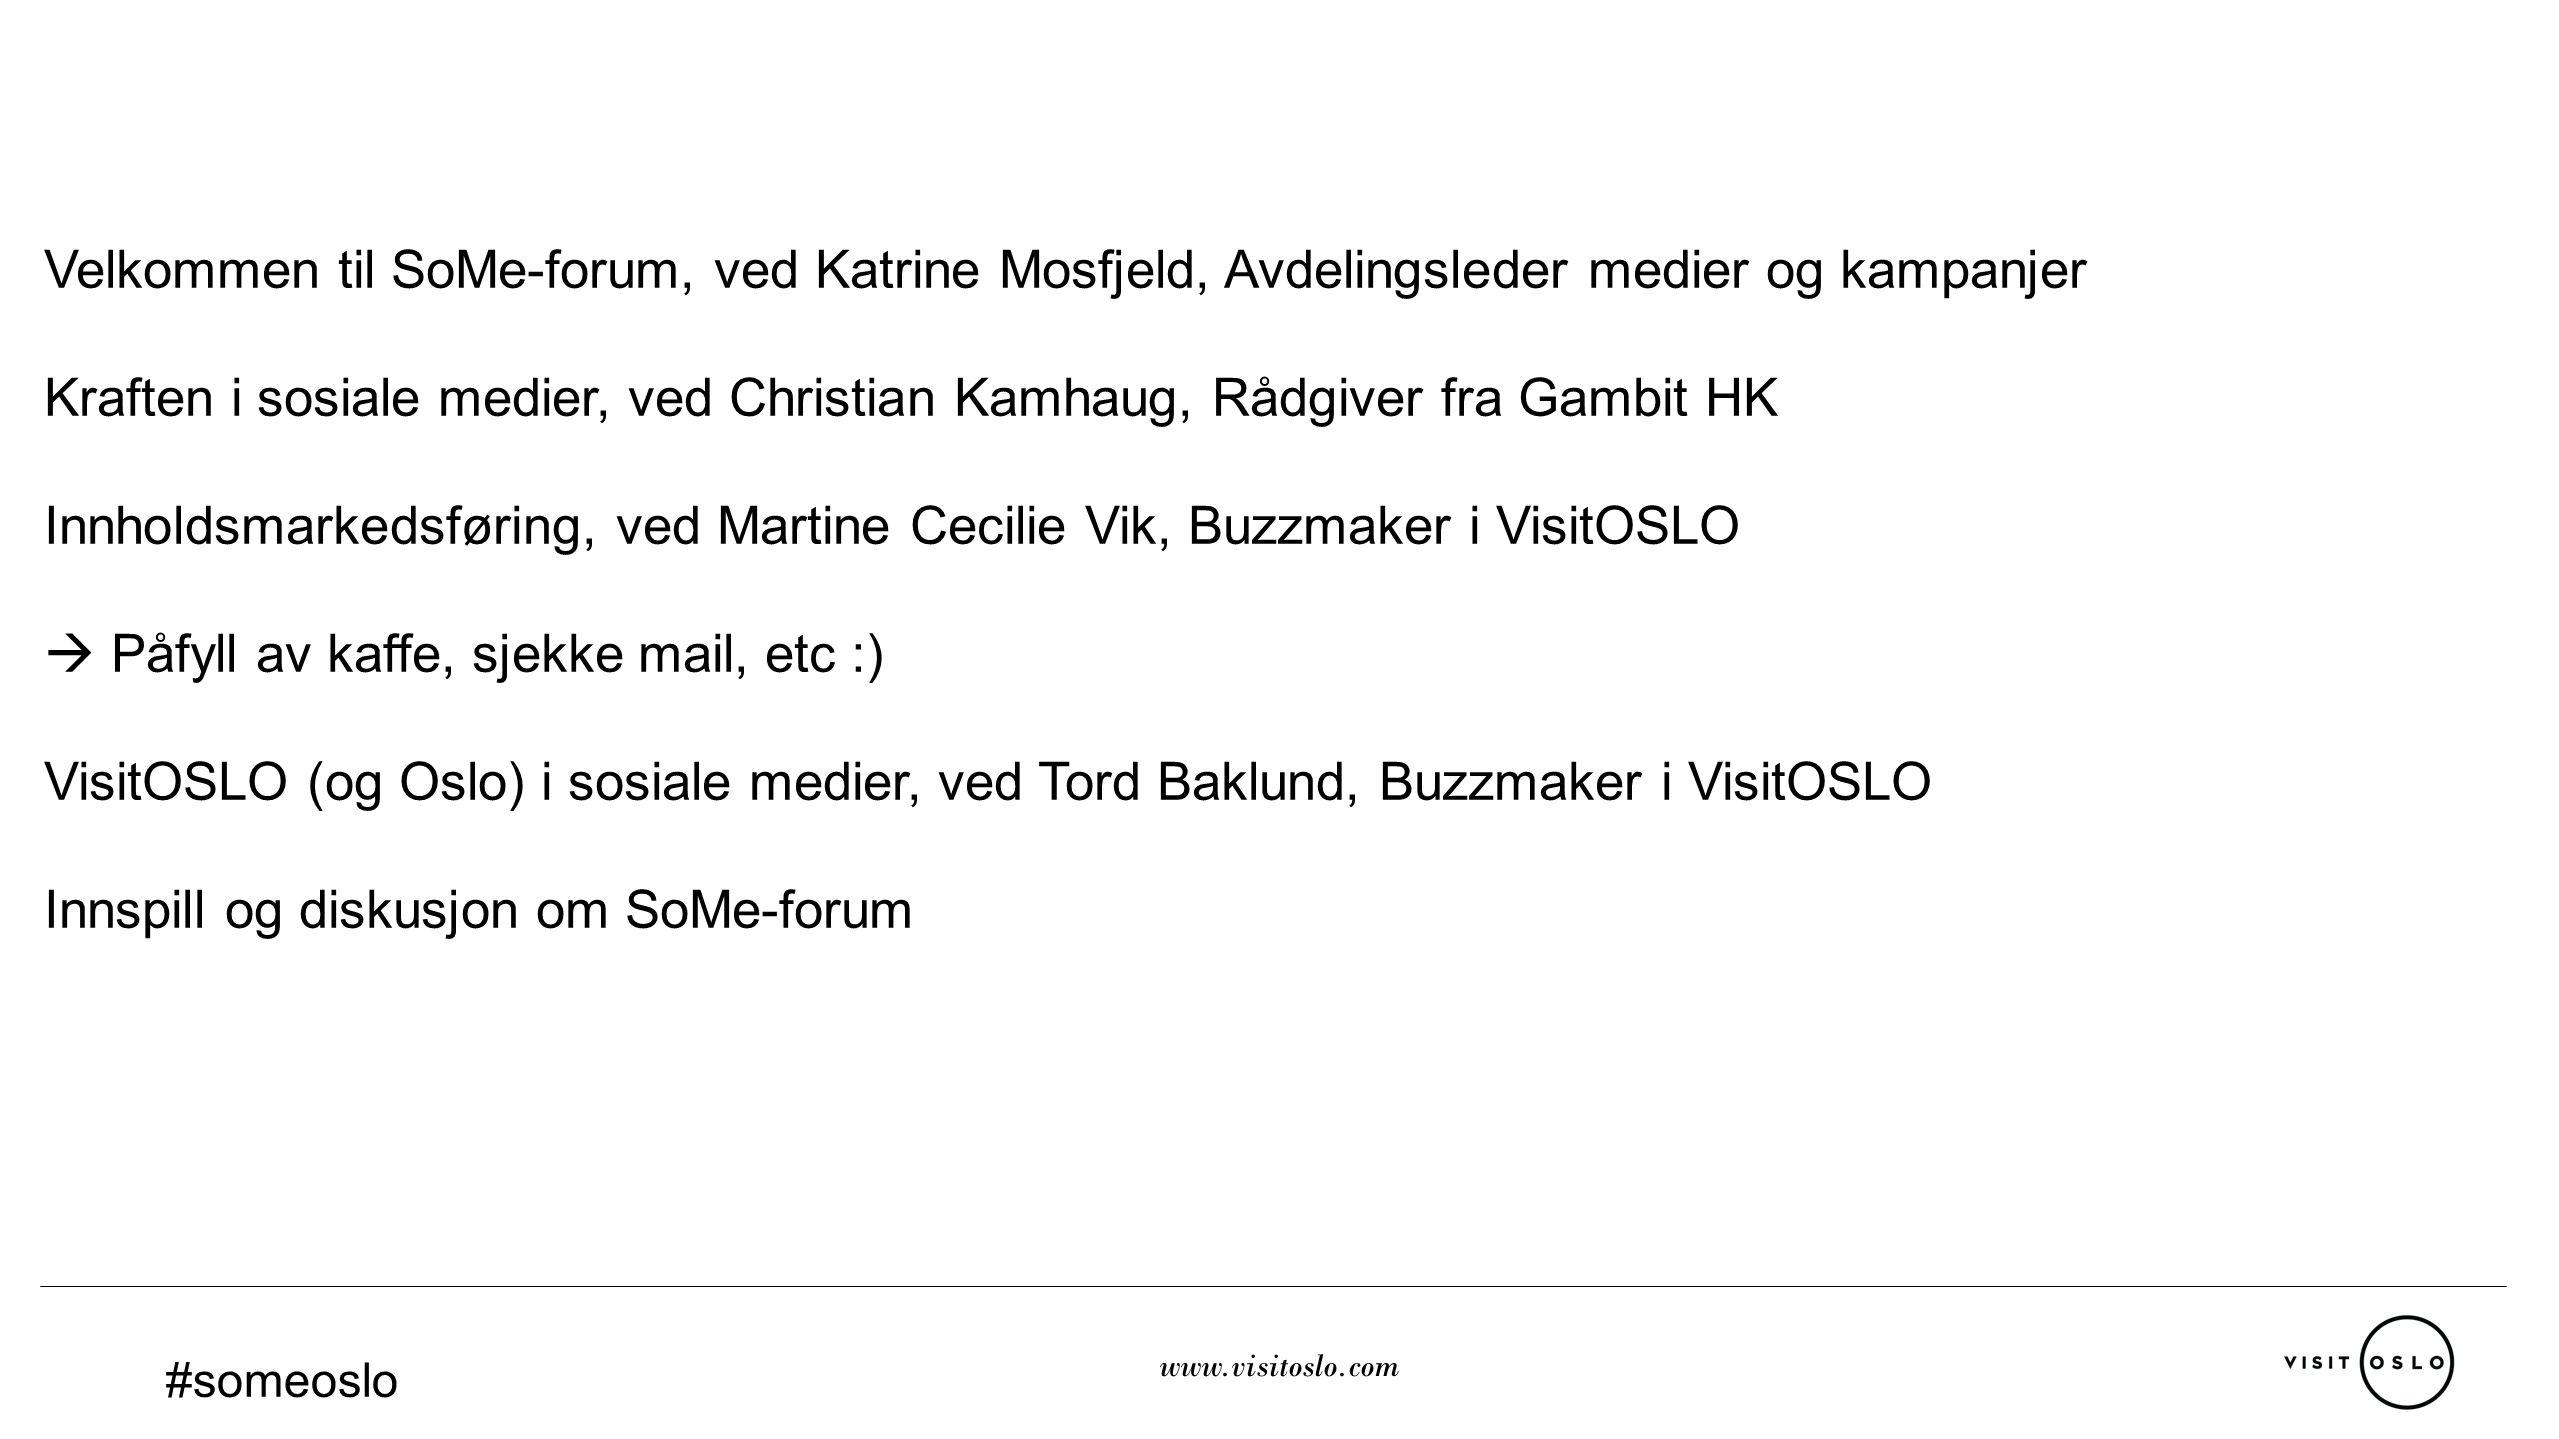 www.visitoslo.com Velkommen til SoMe-forum, ved Katrine Mosfjeld, Avdelingsleder medier og kampanjer Kraften i sosiale medier, ved Christian Kamhaug, Rådgiver fra Gambit HK Innholdsmarkedsføring, ved Martine Cecilie Vik, Buzzmaker i VisitOSLO  Påfyll av kaffe, sjekke mail, etc :) VisitOSLO (og Oslo) i sosiale medier, ved Tord Baklund, Buzzmaker i VisitOSLO Innspill og diskusjon om SoMe-forum #someoslo